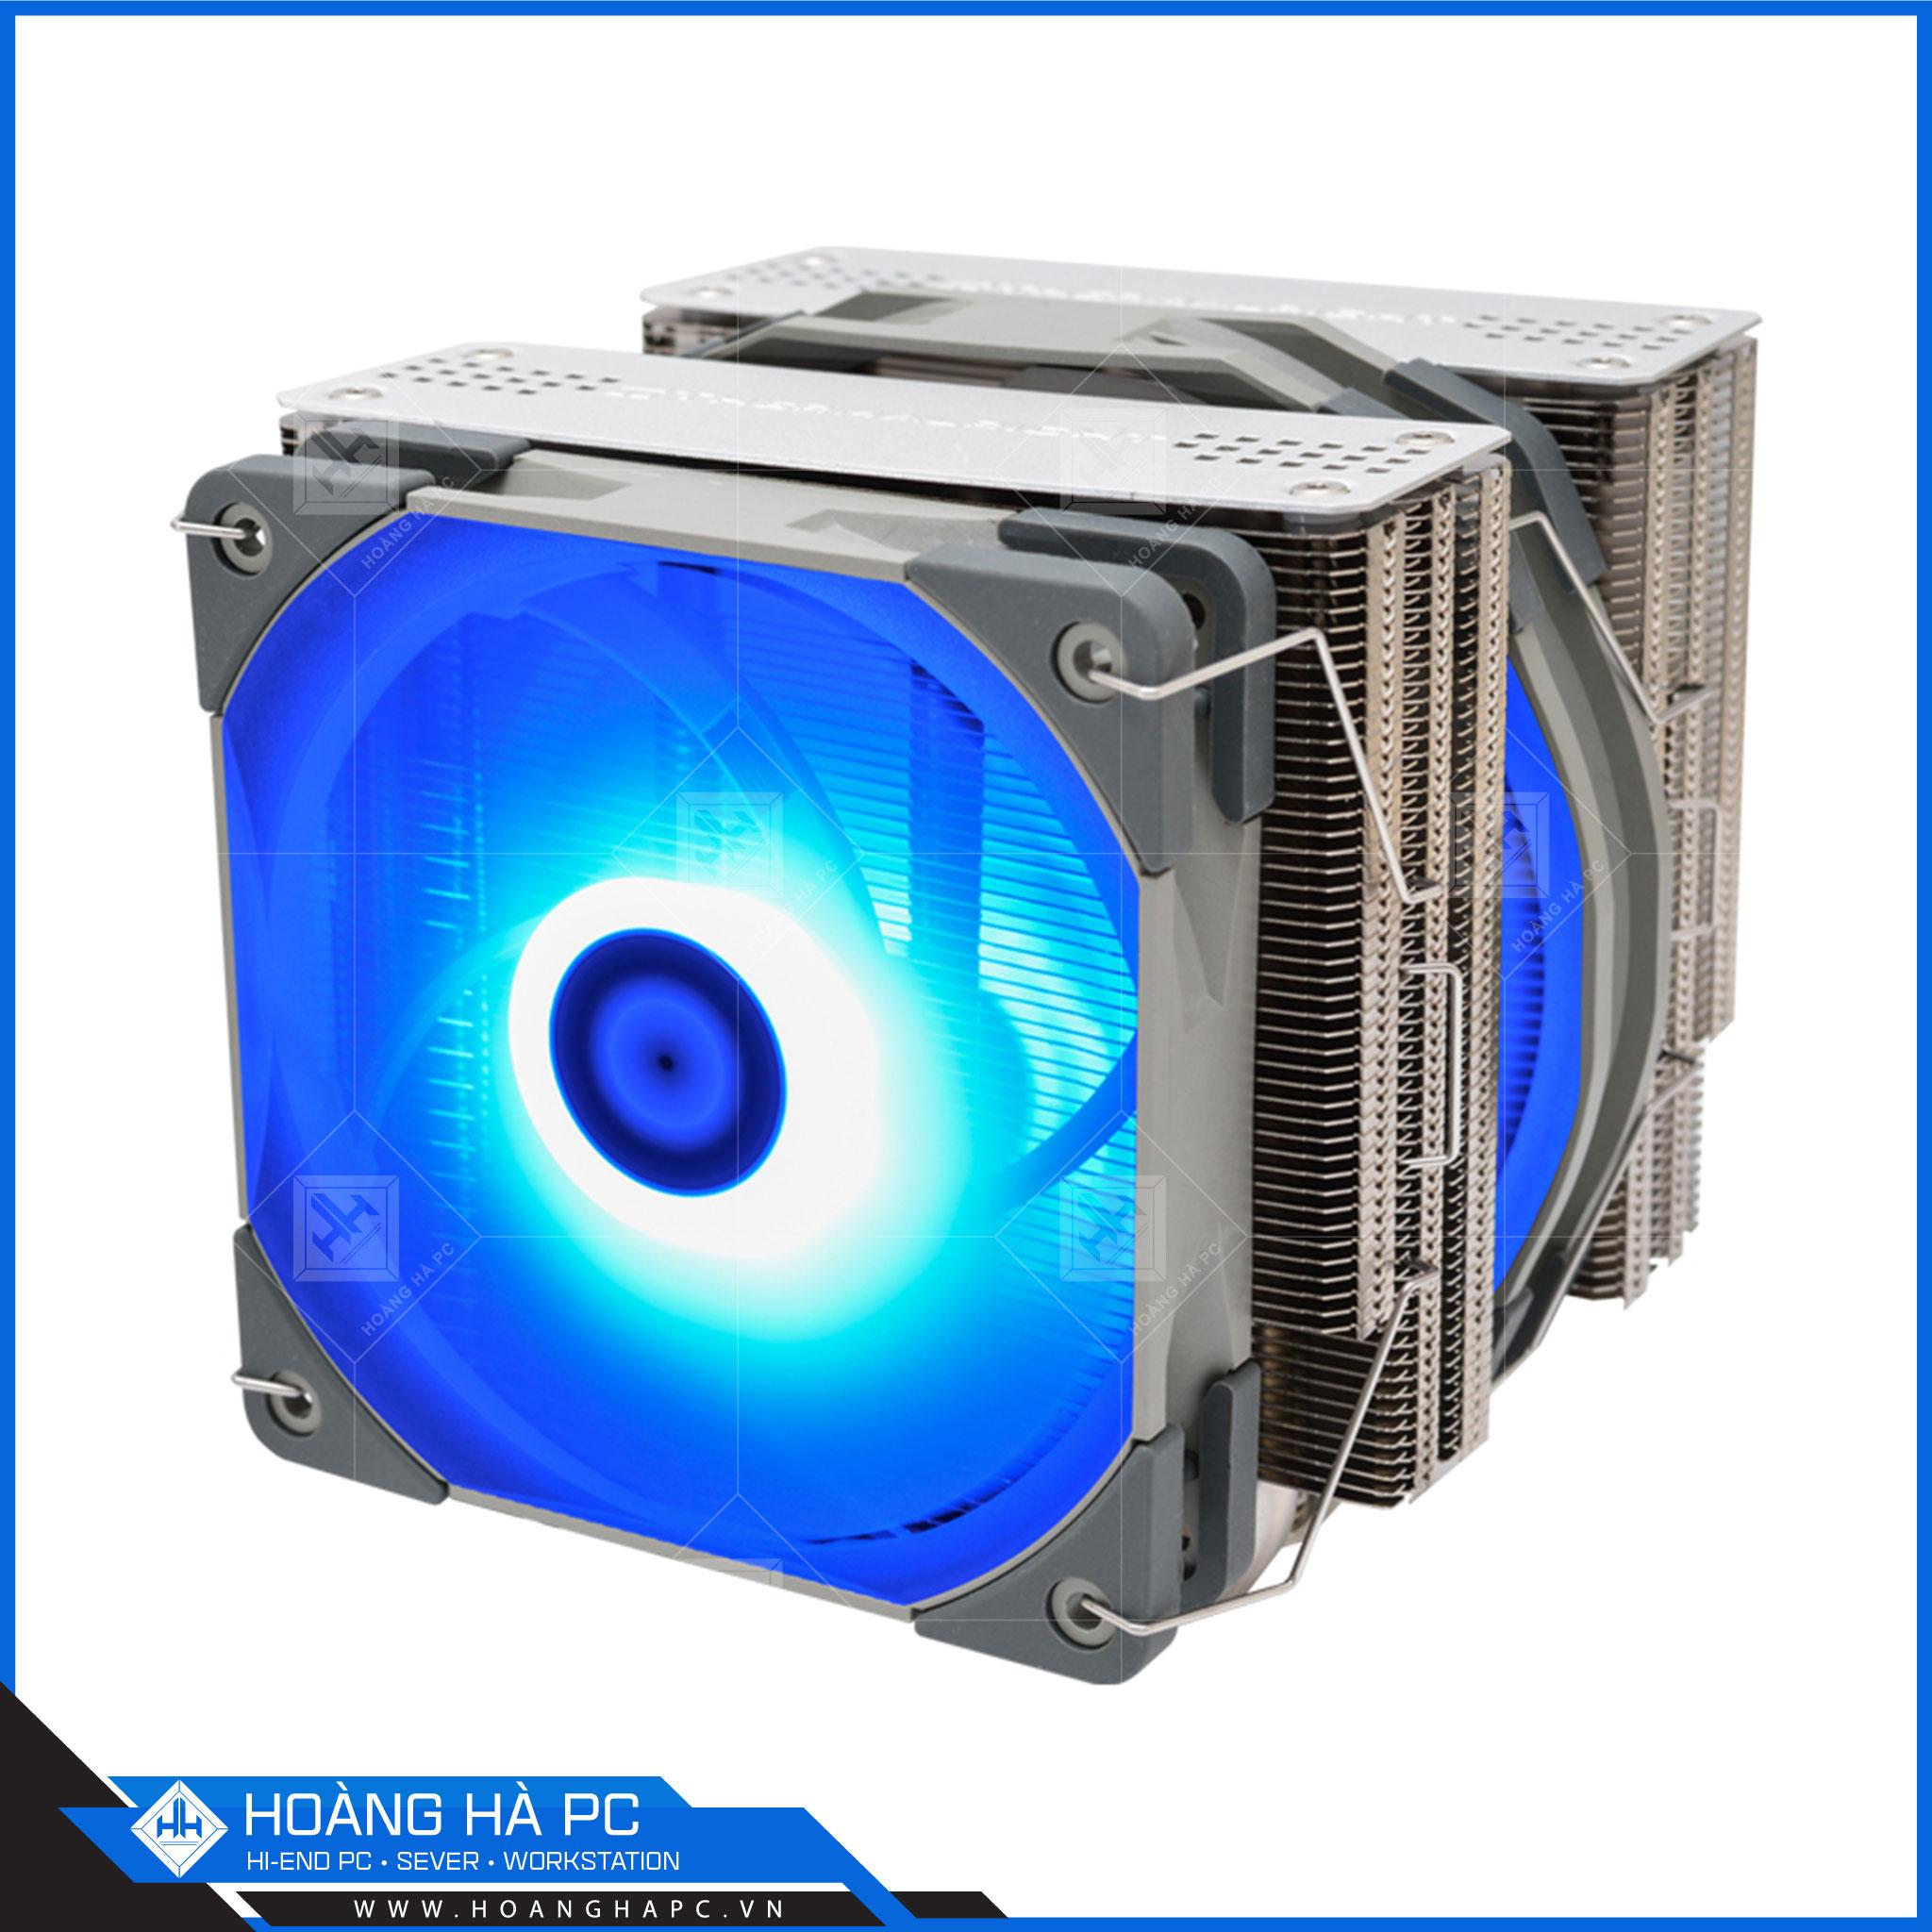 Tản Nhiệt Khí Thermalright Frost Spirit 140 RGB